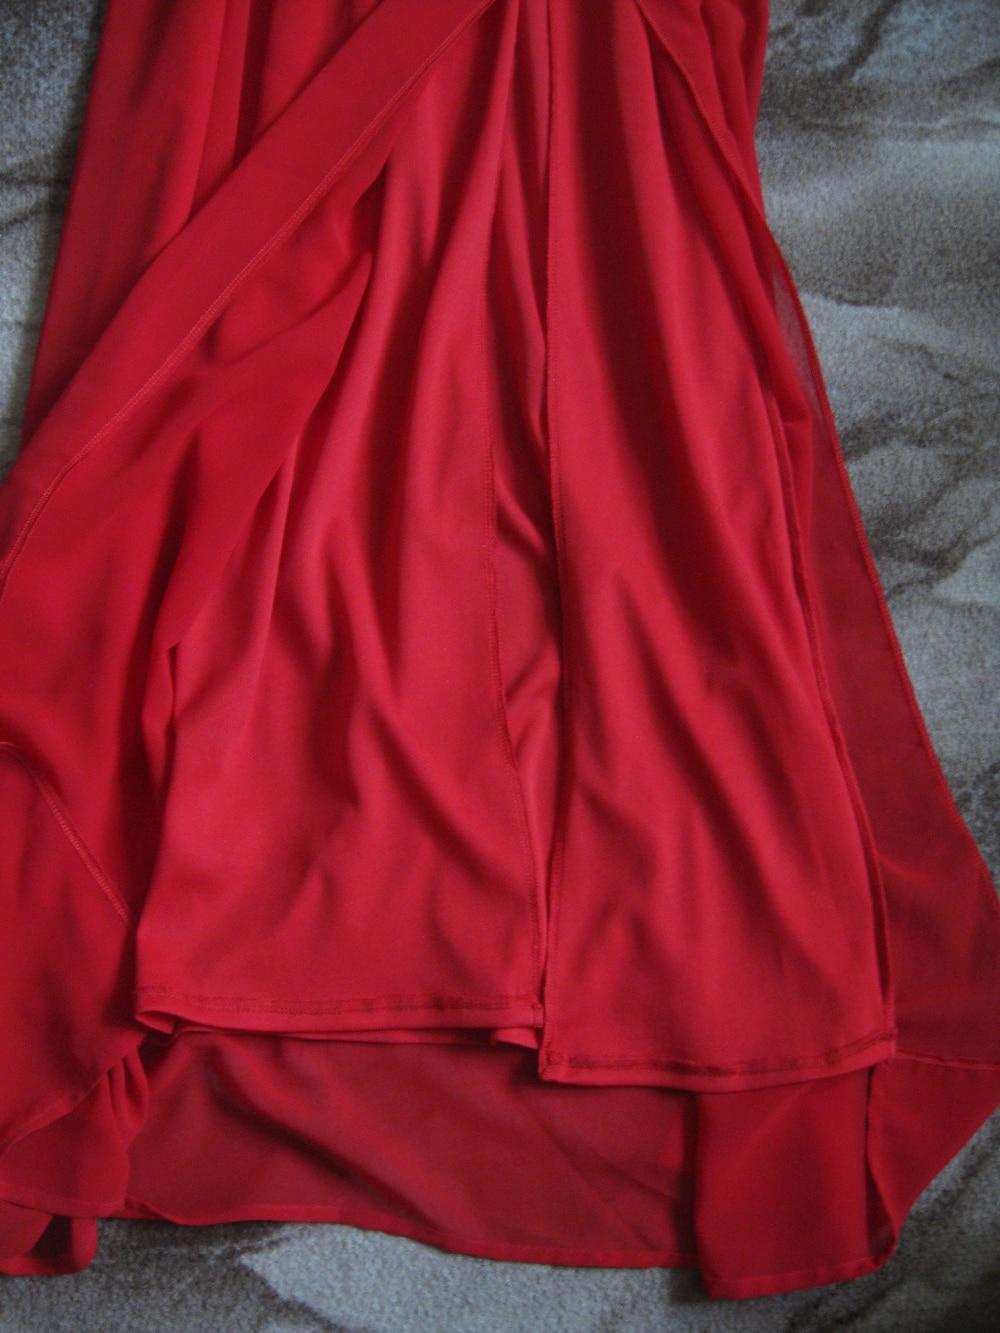 Мое новогоднее красное платье